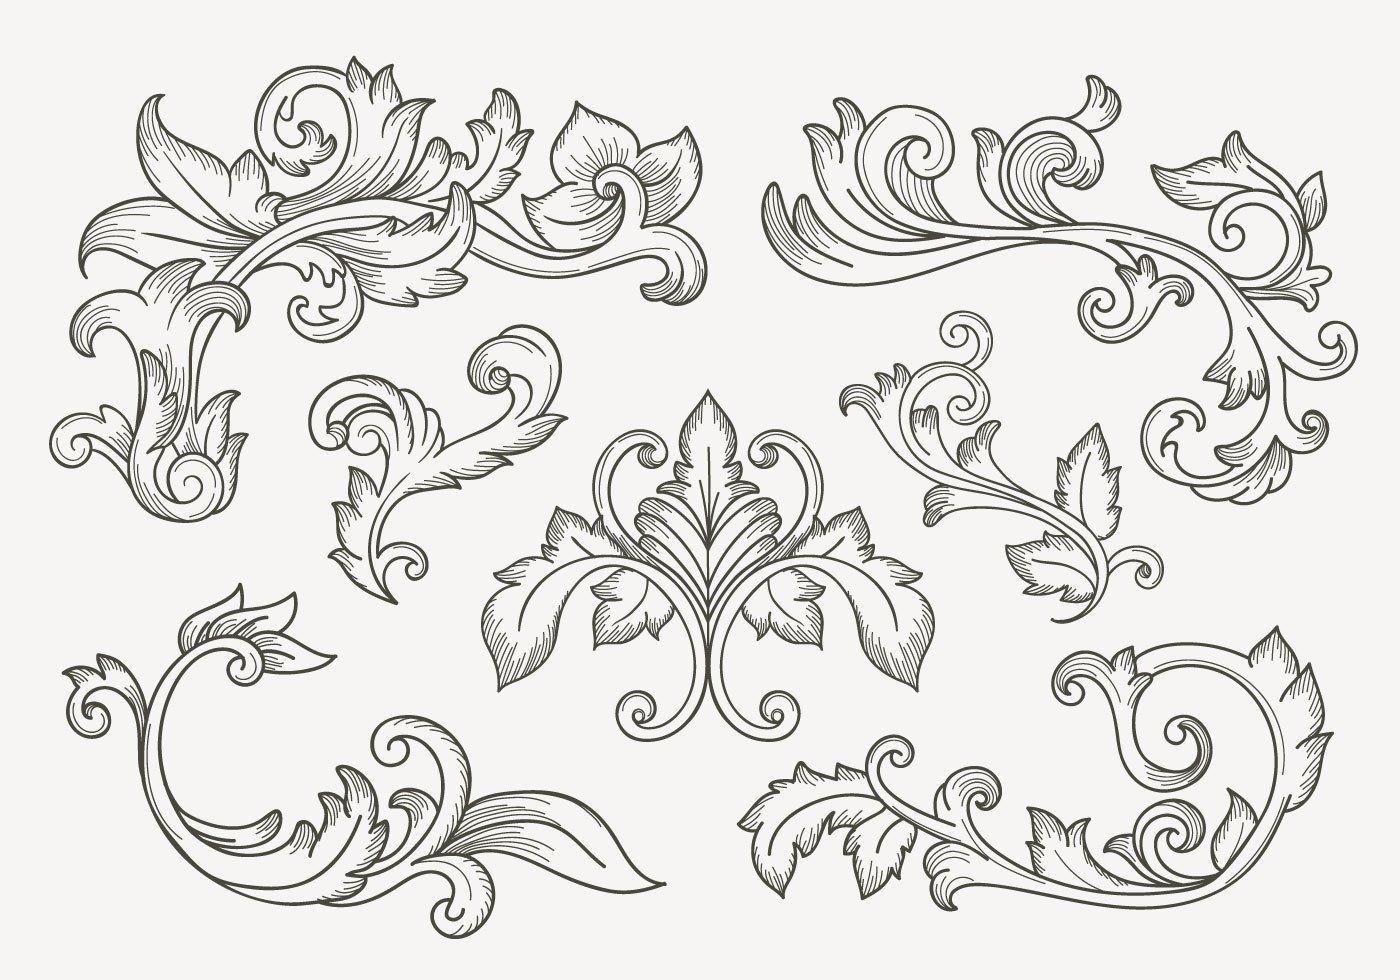 Filigree Design Templates Set Vintage Filigree Border Download Free Vector Art